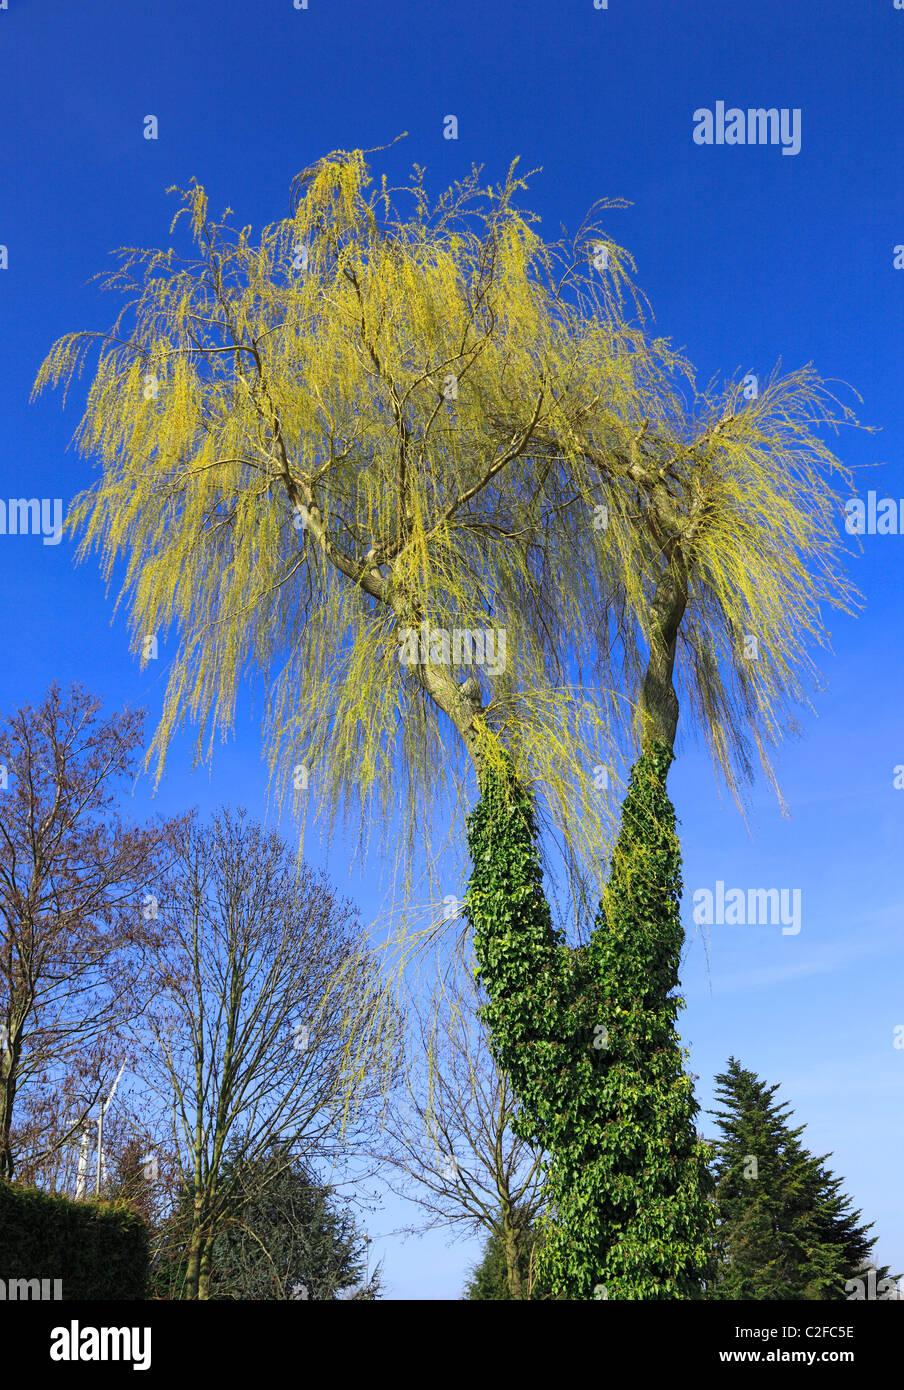 Natur, Jahreszeiten, Fruehling, Trauerweide, Baumstaemme mit Efeu bewachsen, Rees, Niederrhein, Nordrhein-Westfalen Stock Photo